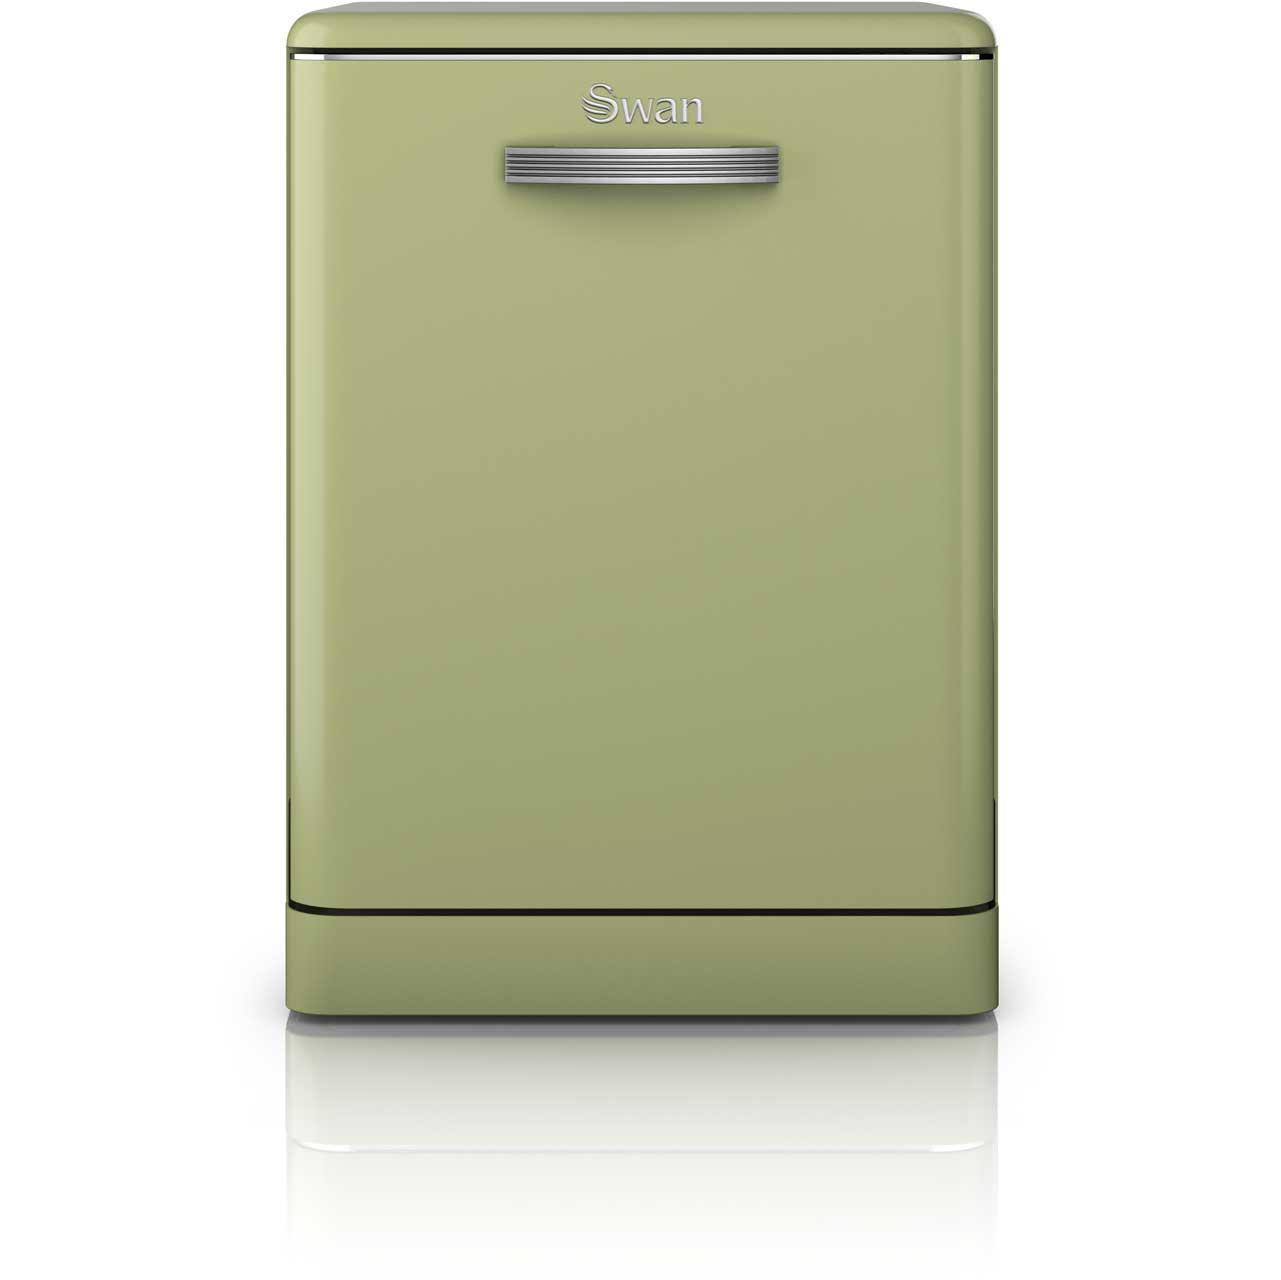 Retro slimline dishwasher